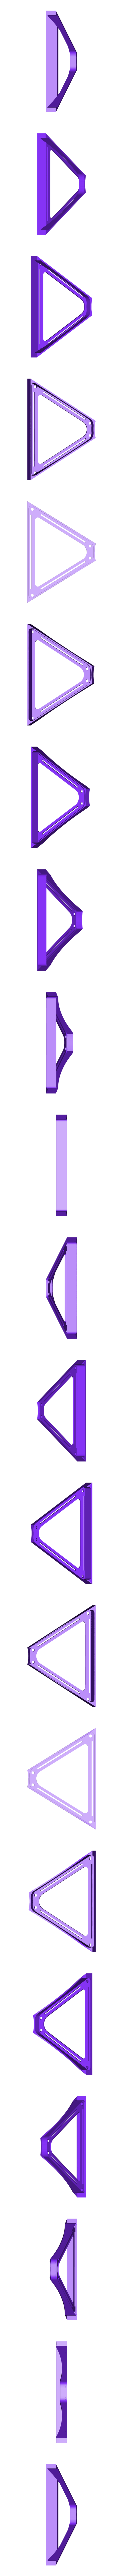 Weapon_Stand_L_Bracket.STL Télécharger fichier STL gratuit Armes de combat (Doom) • Design à imprimer en 3D, Animalgel